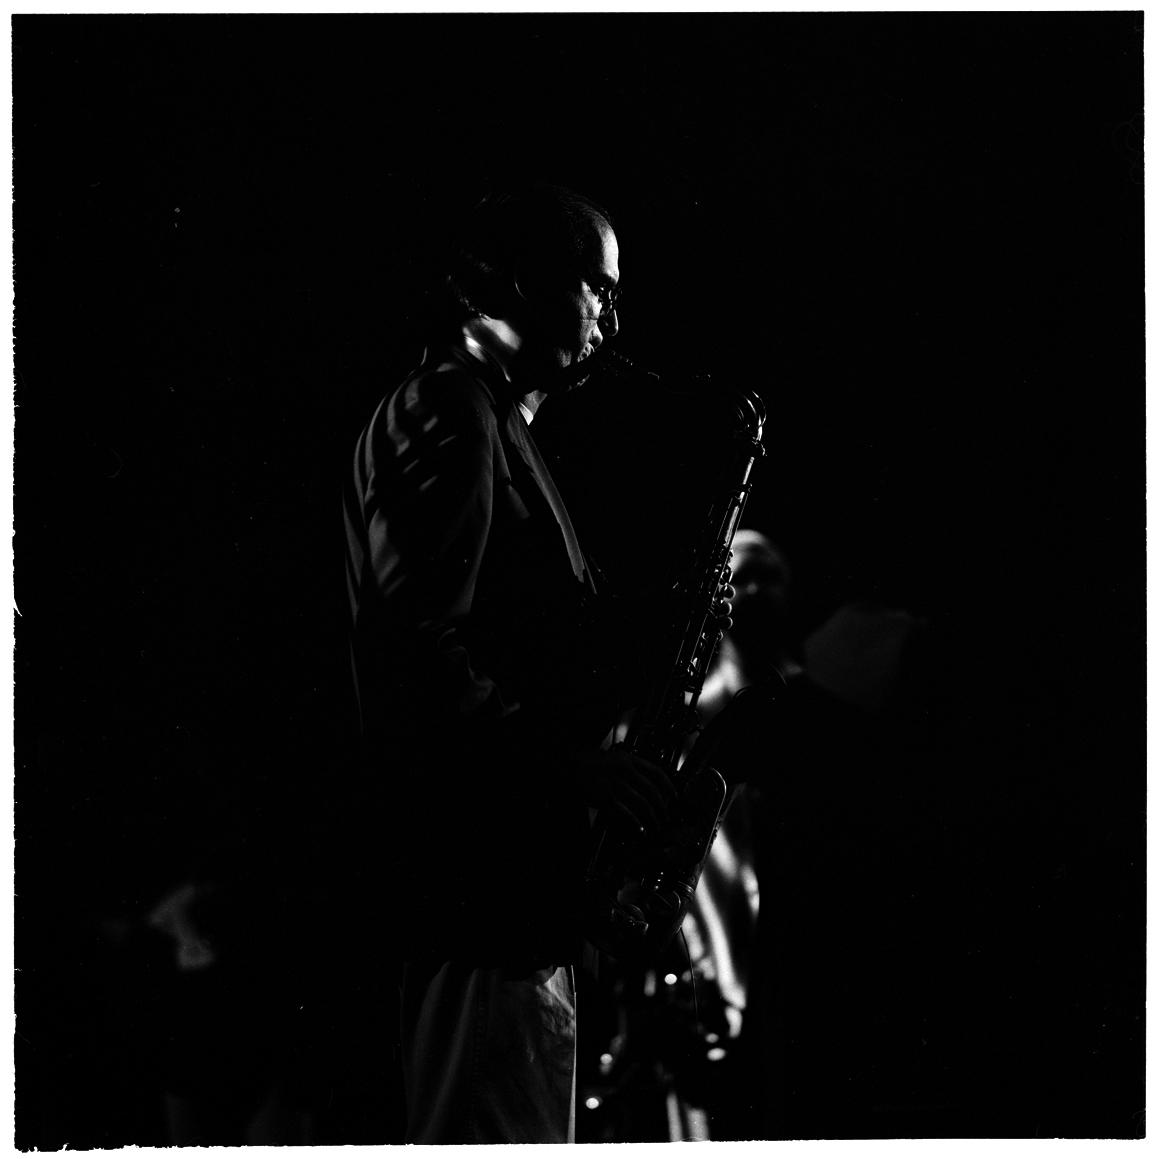 Michael Brecker: Glasgow, 1992